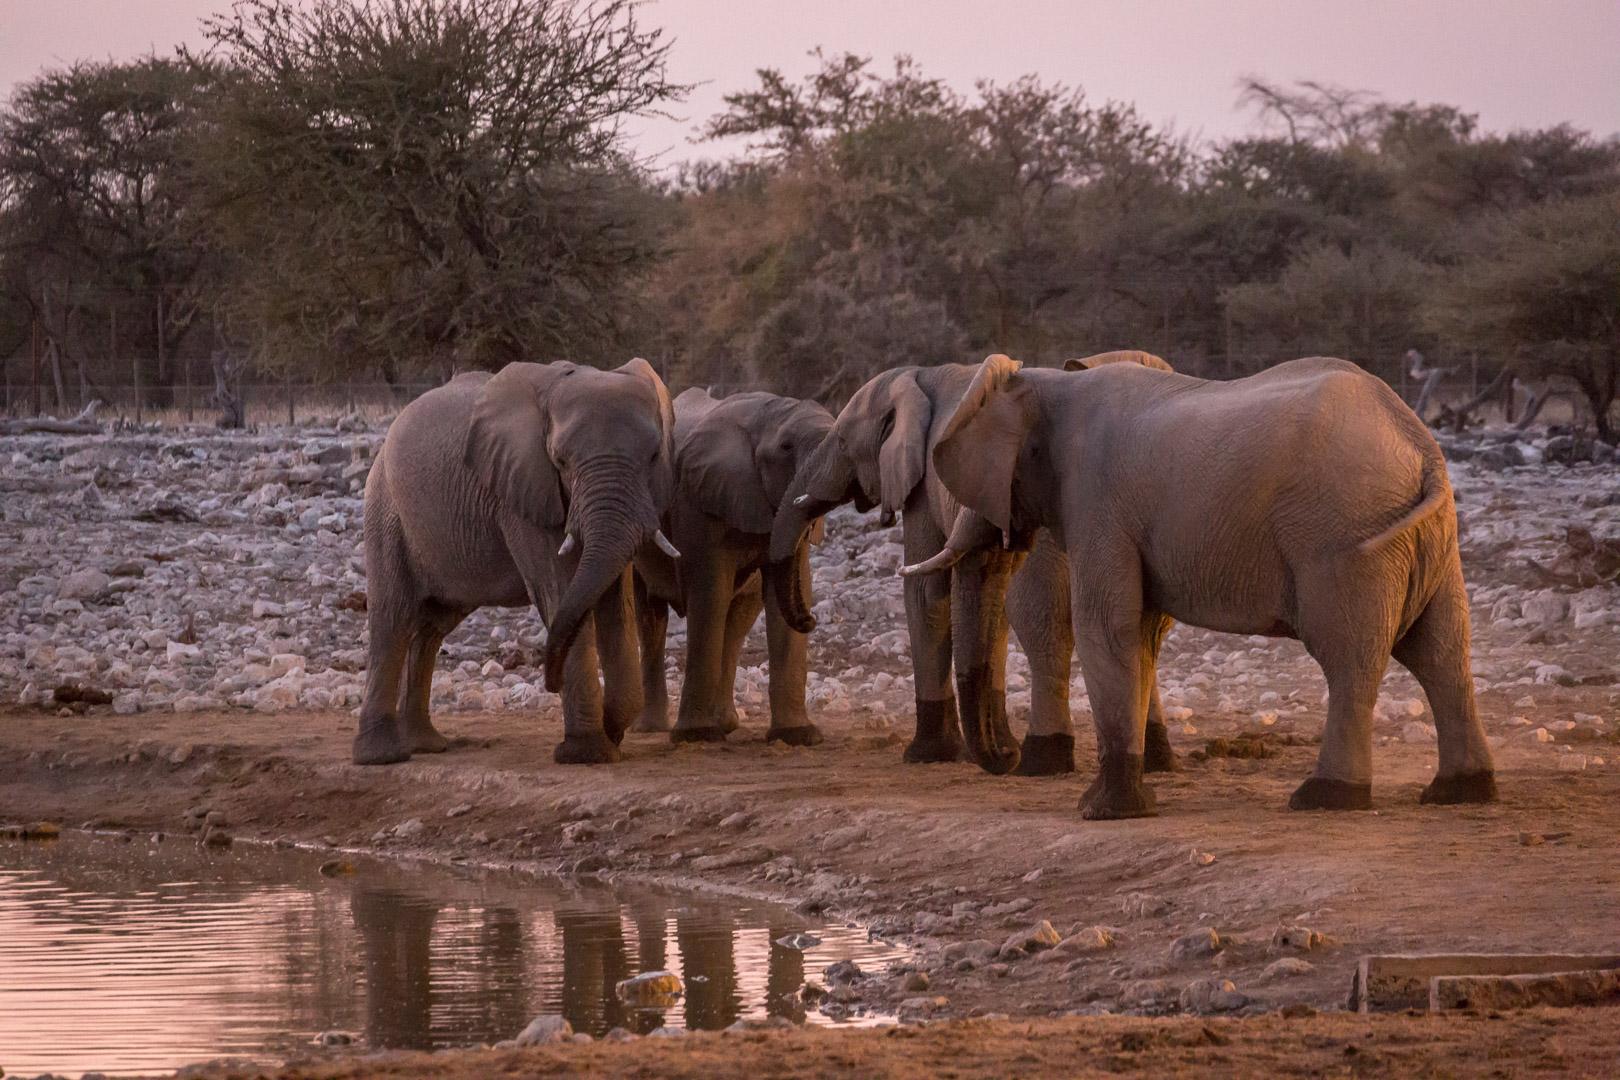 27.7. Okaukuejo Waterhole - Elefantenrat